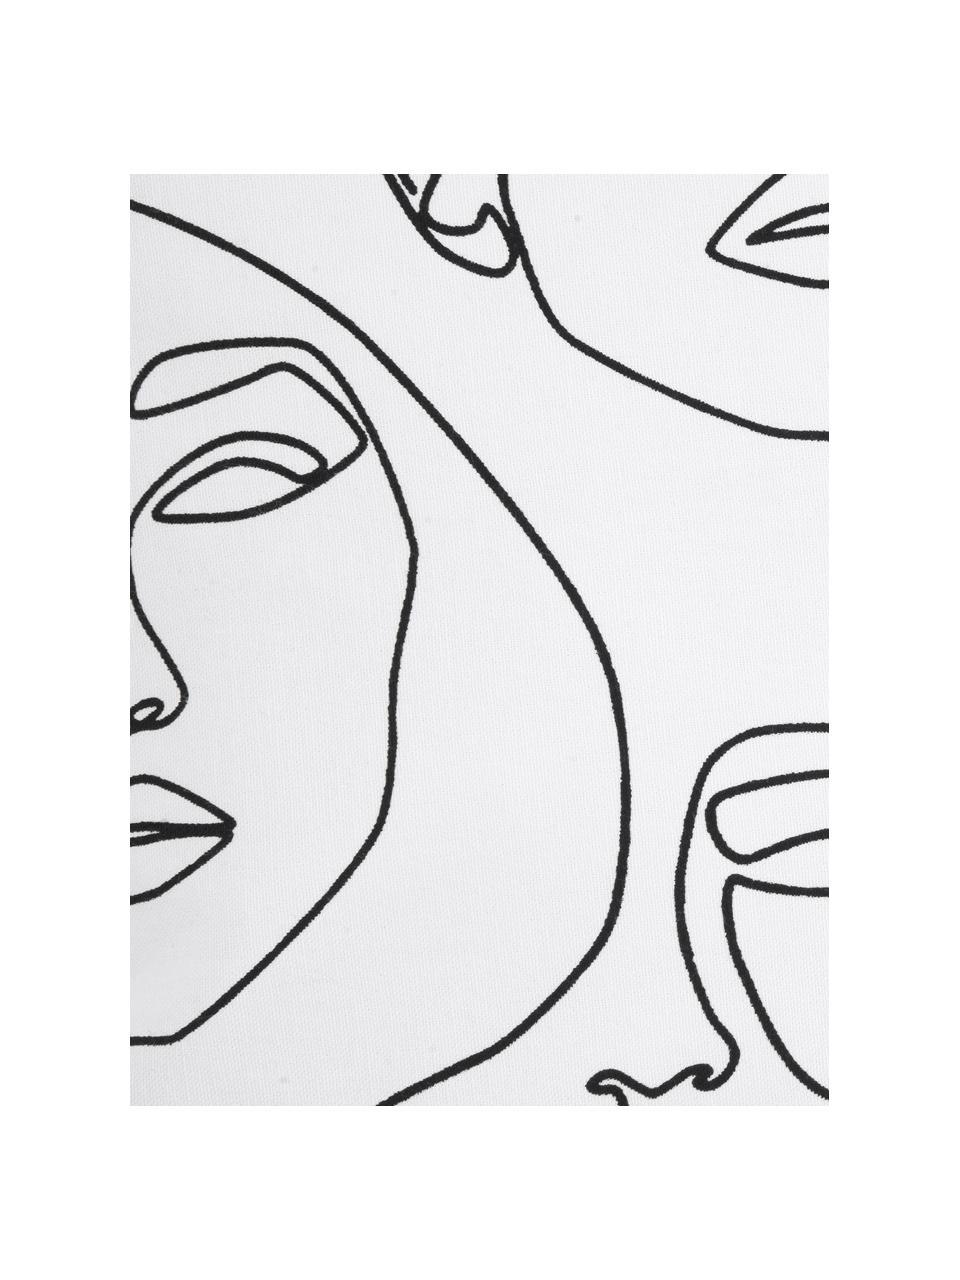 Kussenhoes Aria met abstracte One Line tekening, Weeftechniek: panama, Wit, zwart, 40 x 40 cm